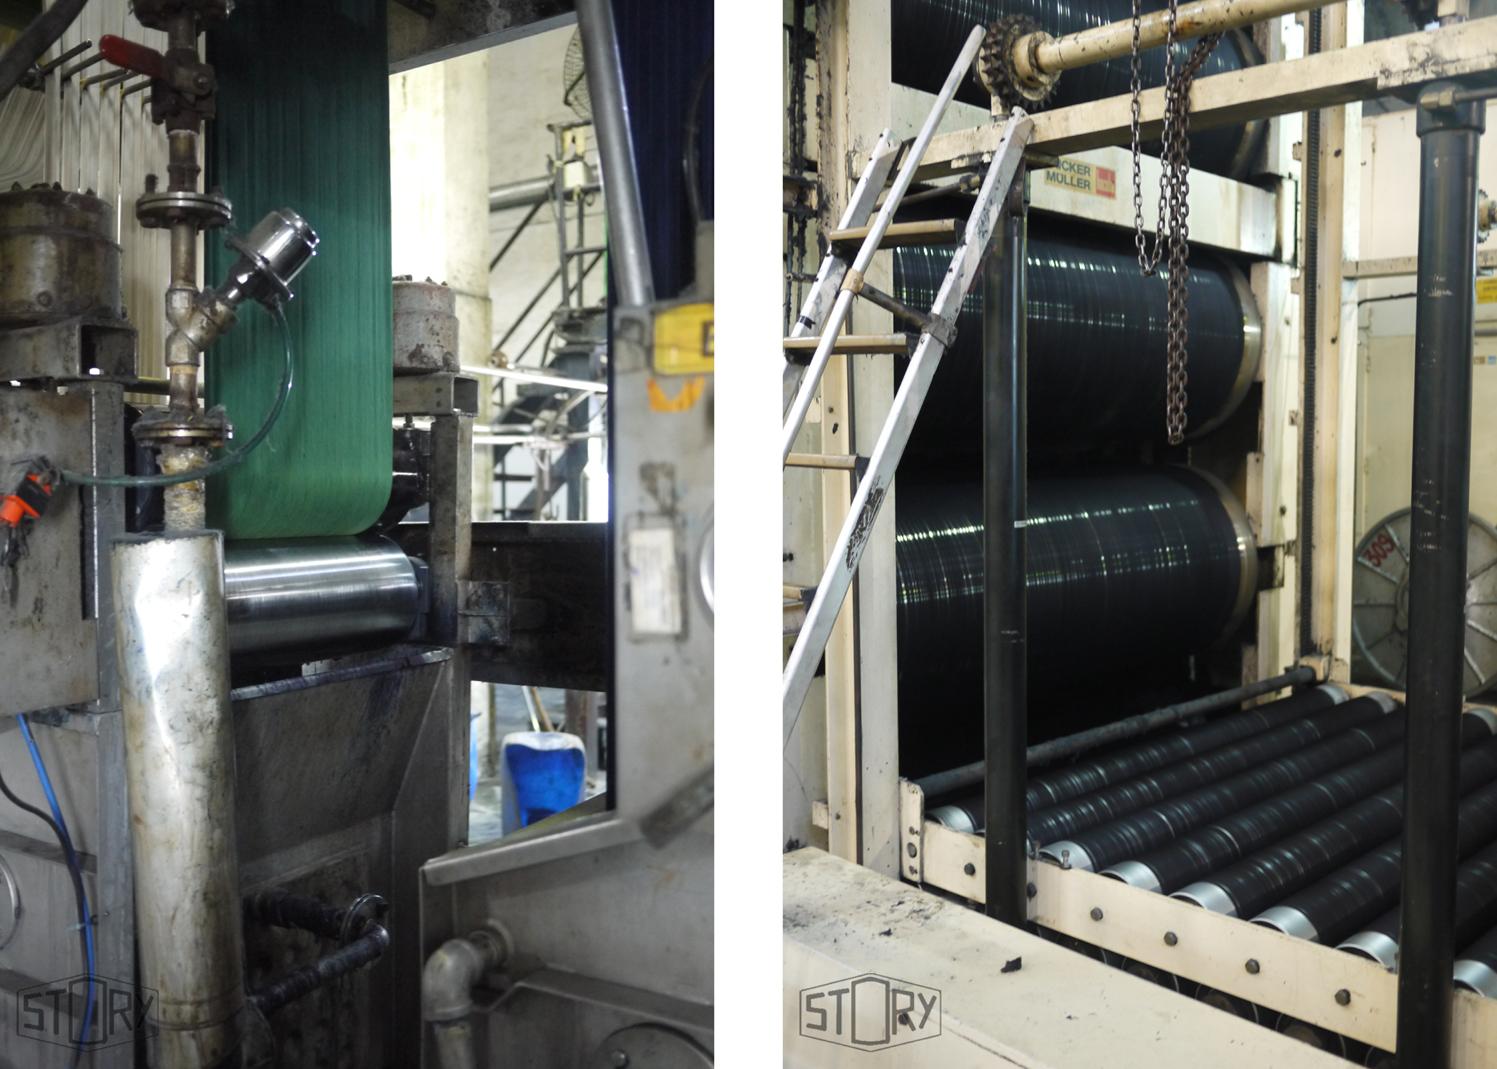 08_STORYmfg_NixNi_manufacture